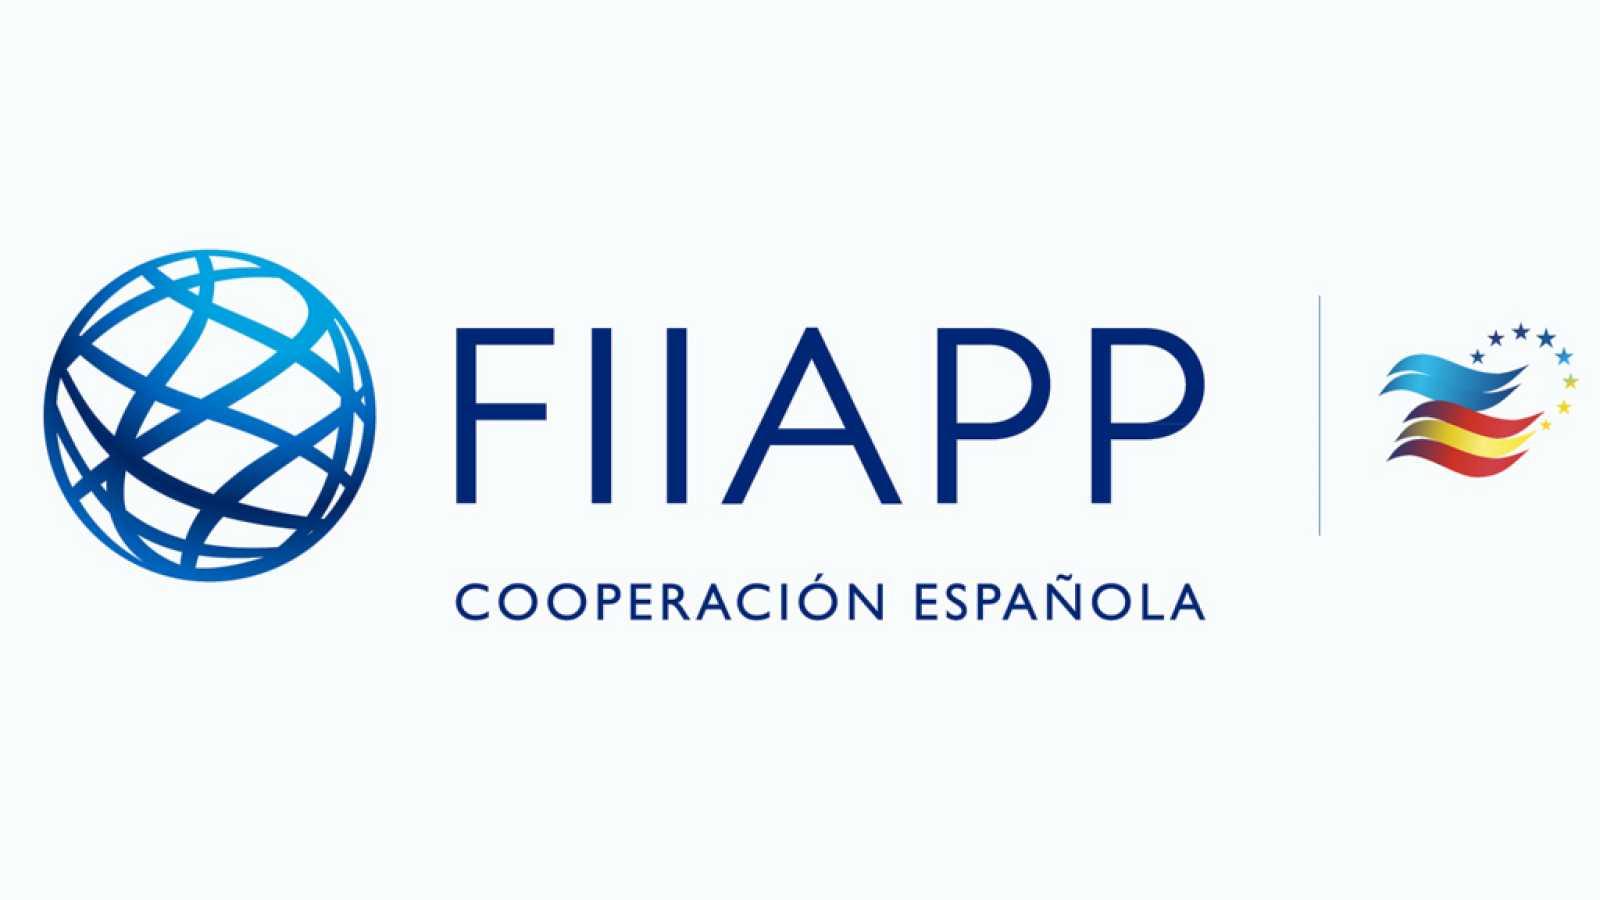 Cooperación pública en el mundo (FIIAPP)  - El trabajo de la FIIAPP en seguridad aérea - 27/01/21 - Escuchar ahora